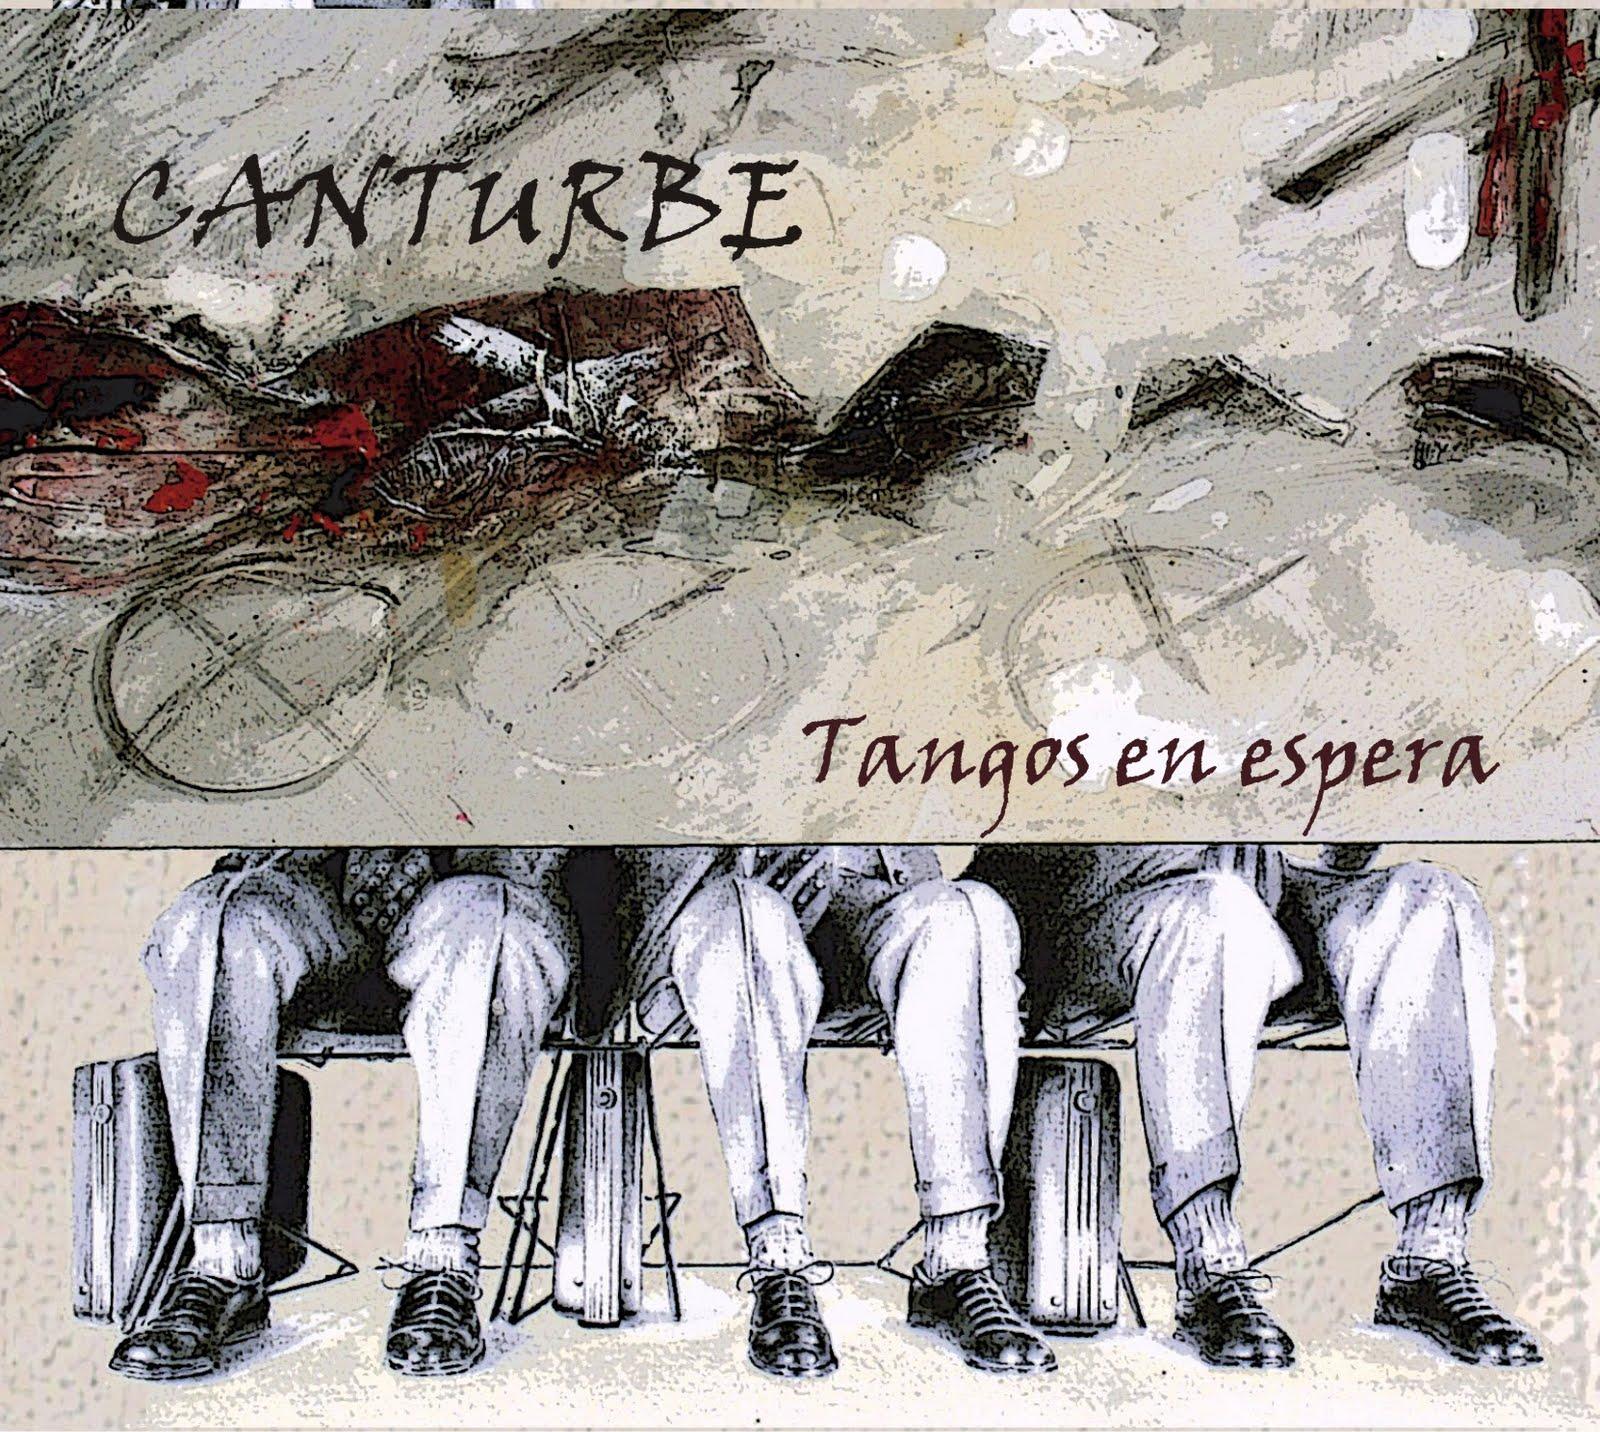 Cabeza de Moog !: Canturbe - Tangos en Espera (2011)